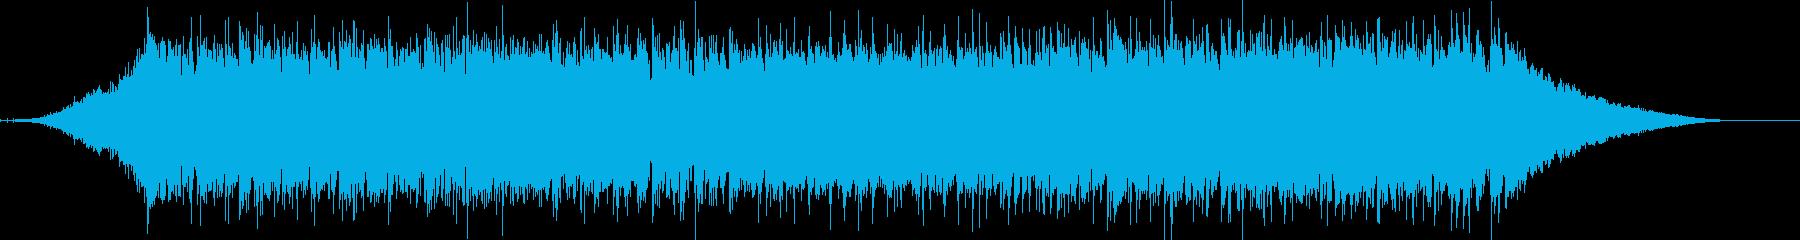 ラテンポップ!サンバなど明るいノリの曲。の再生済みの波形